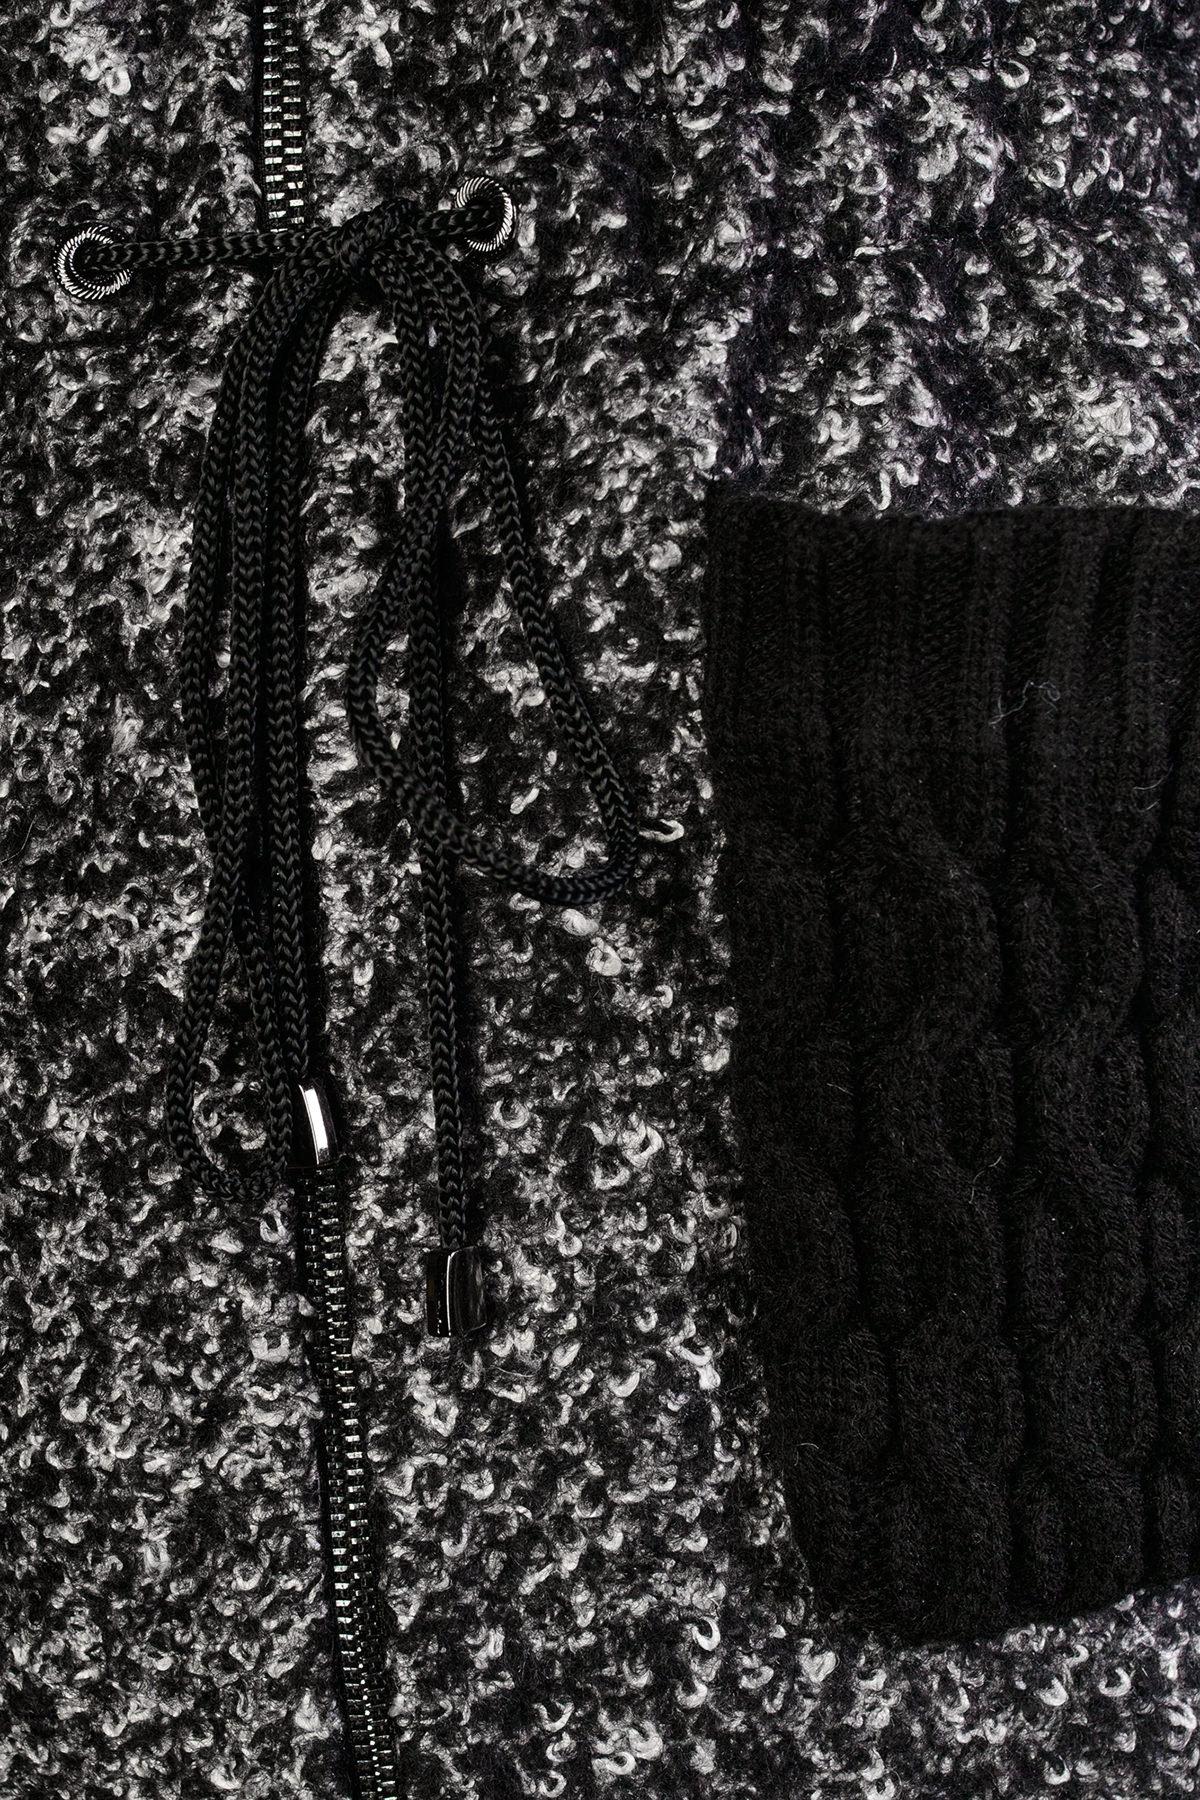 Пальто Старк 1091 АРТ. 9048 Цвет: Чёрно-серый / Черный - фото 4, интернет магазин tm-modus.ru